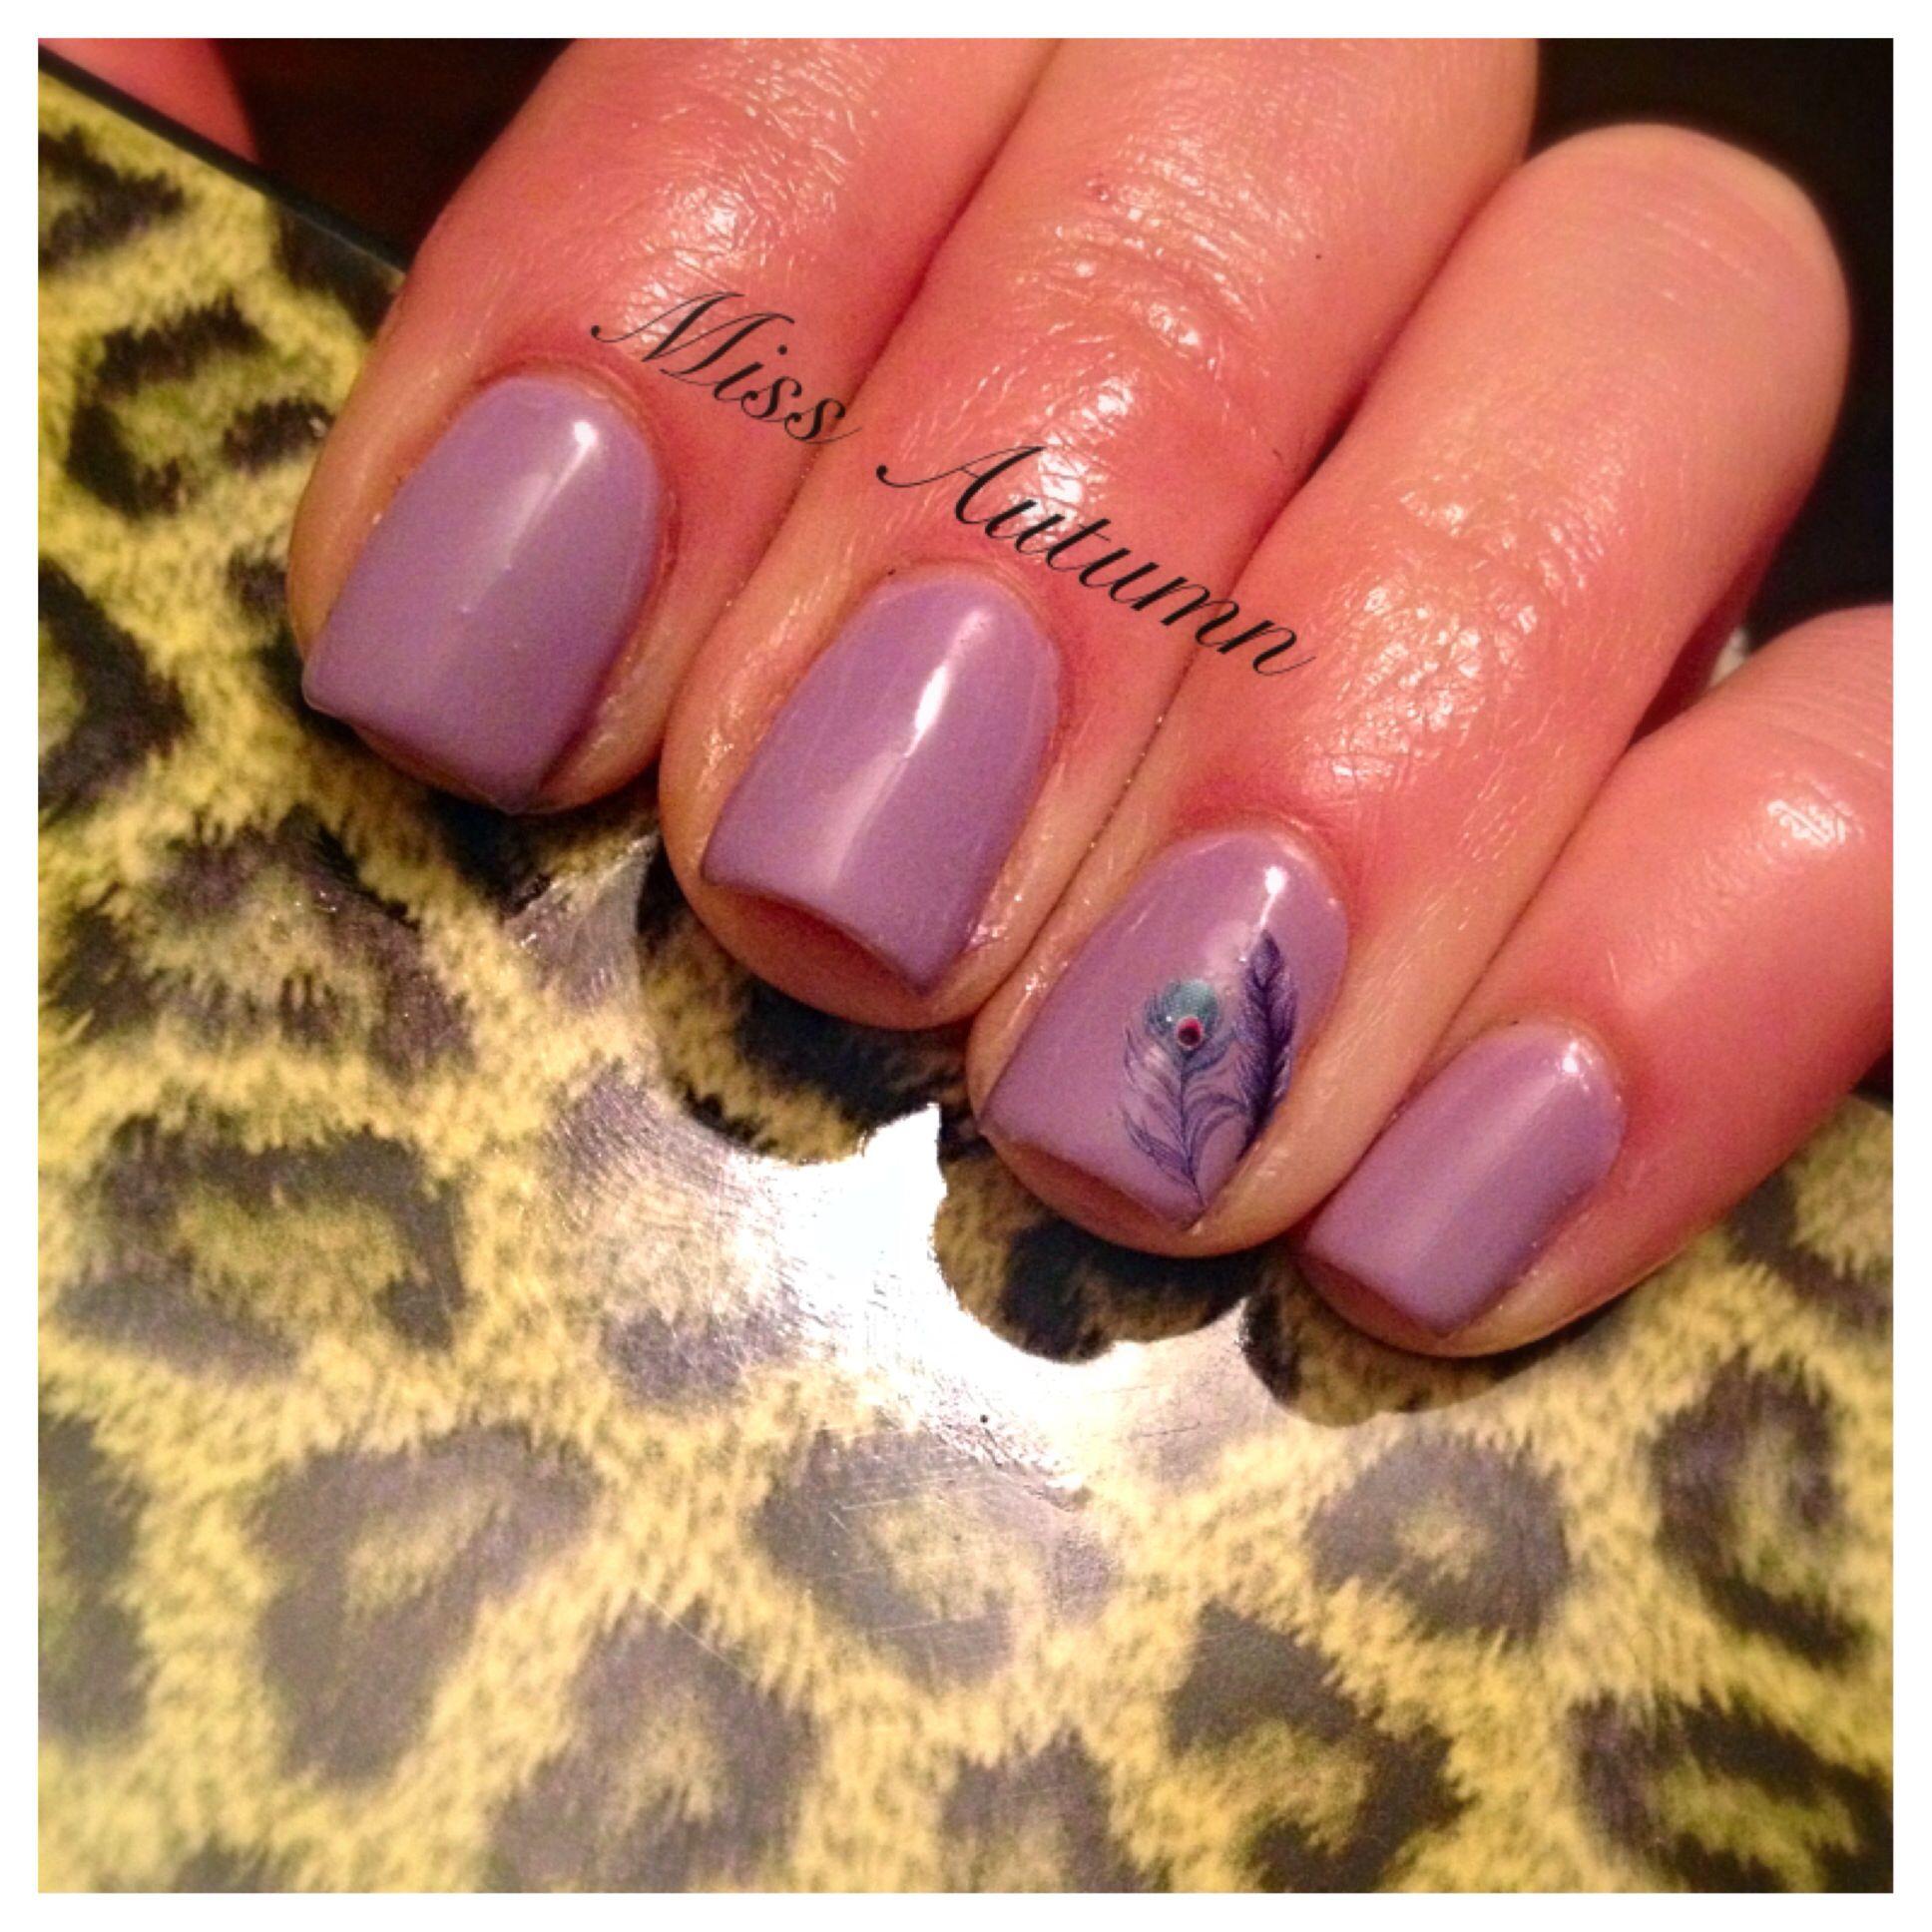 Lilac & Feathers. Pretty, simple, & clean.  #gelnails #naturalnails